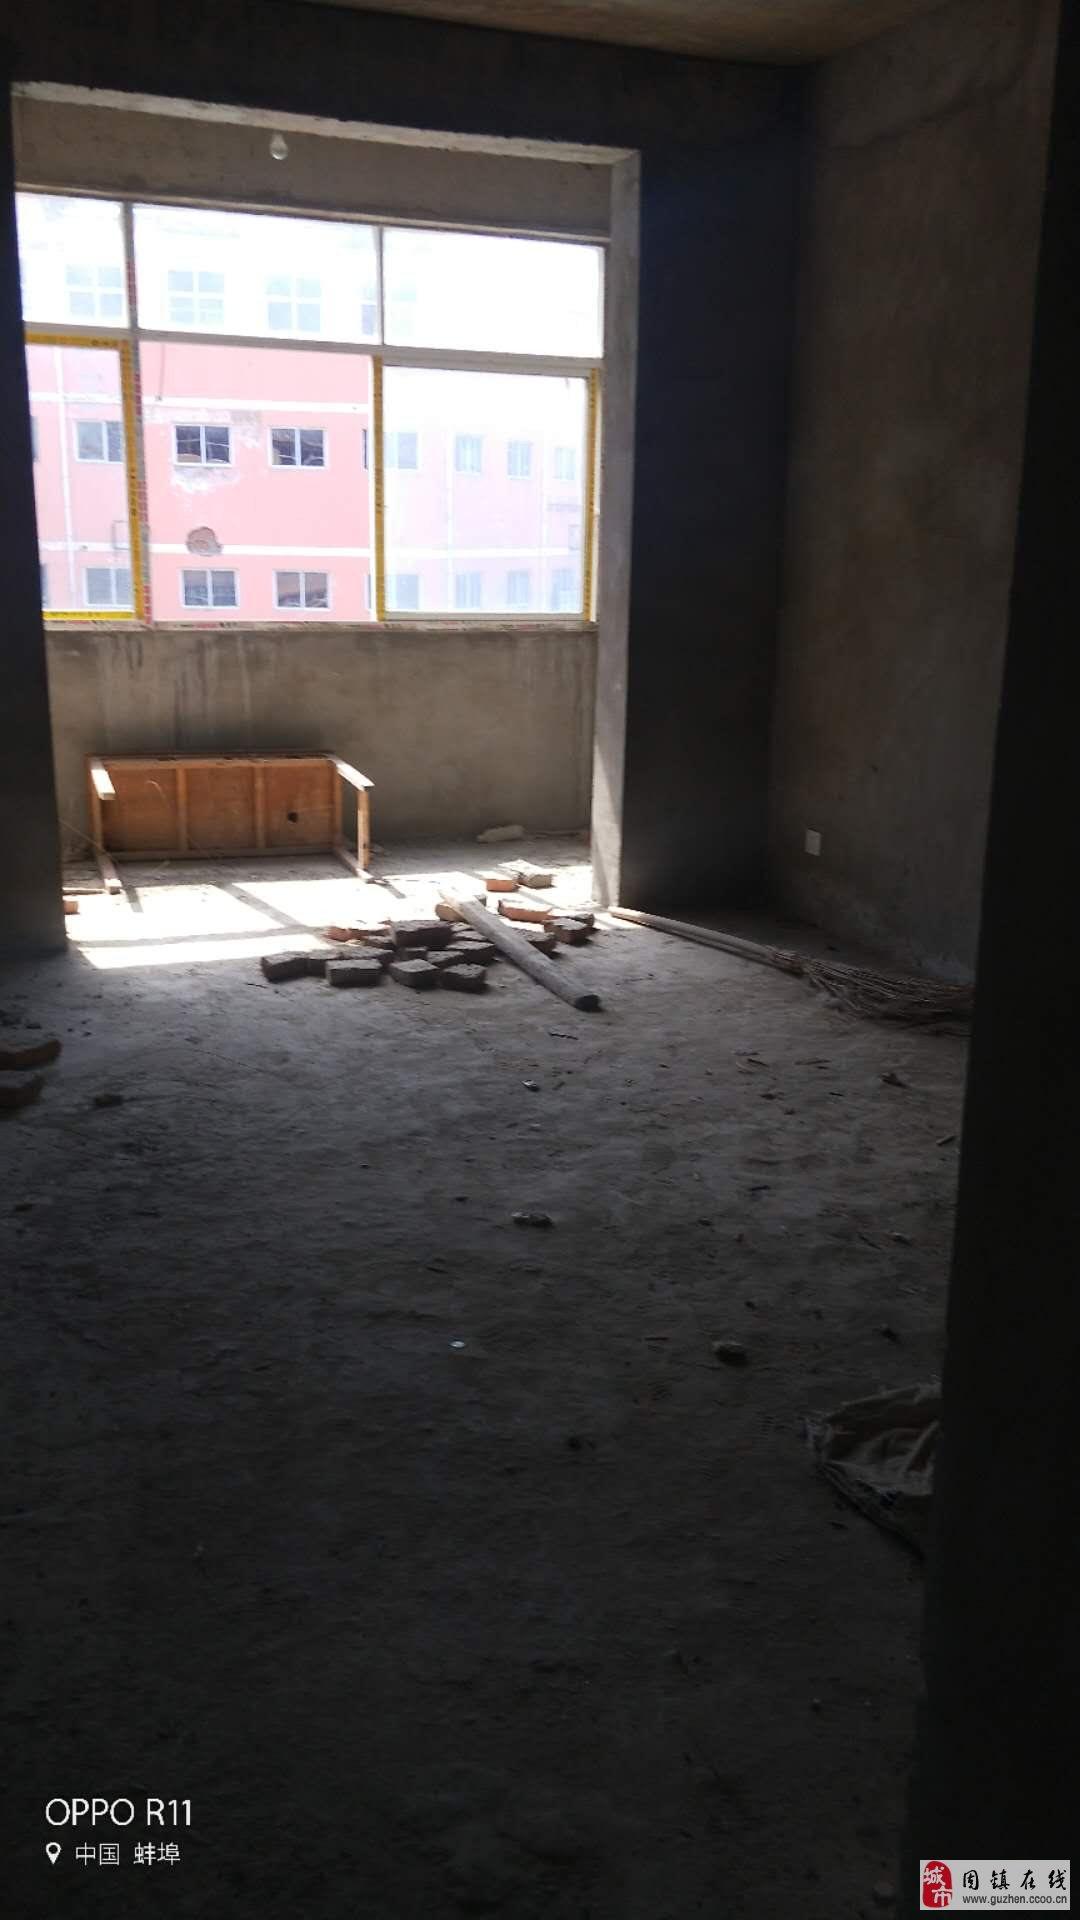 黄桥路白马商场旁毛坯3室2厅1卫25